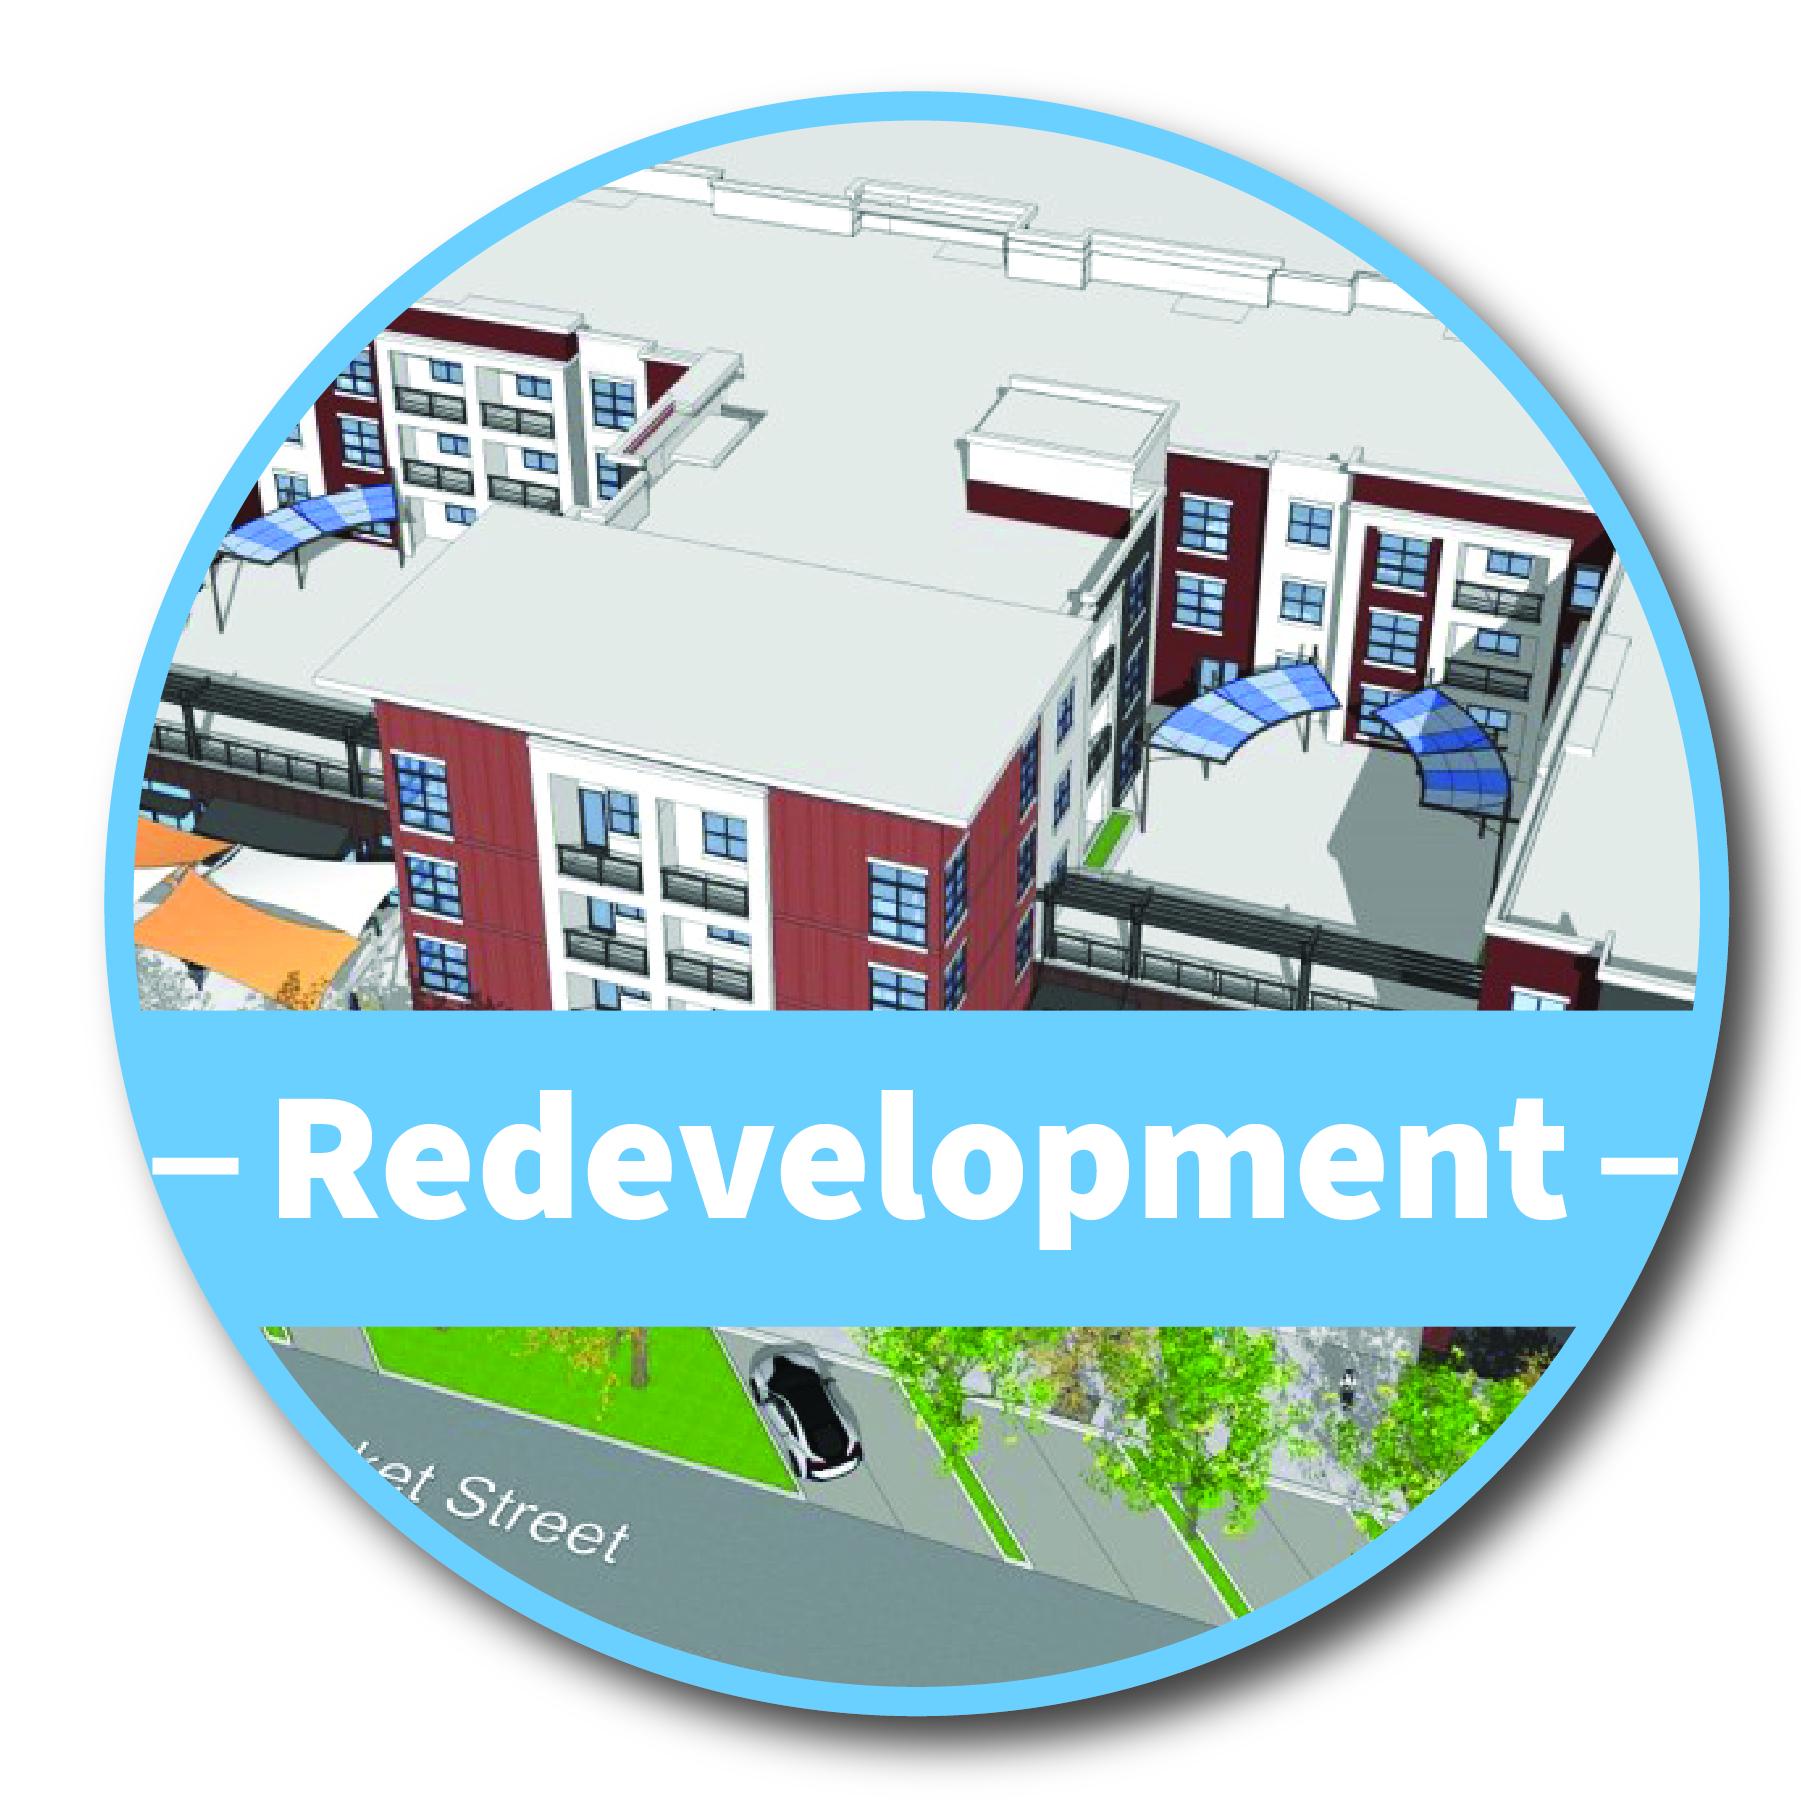 Redevelopment Button